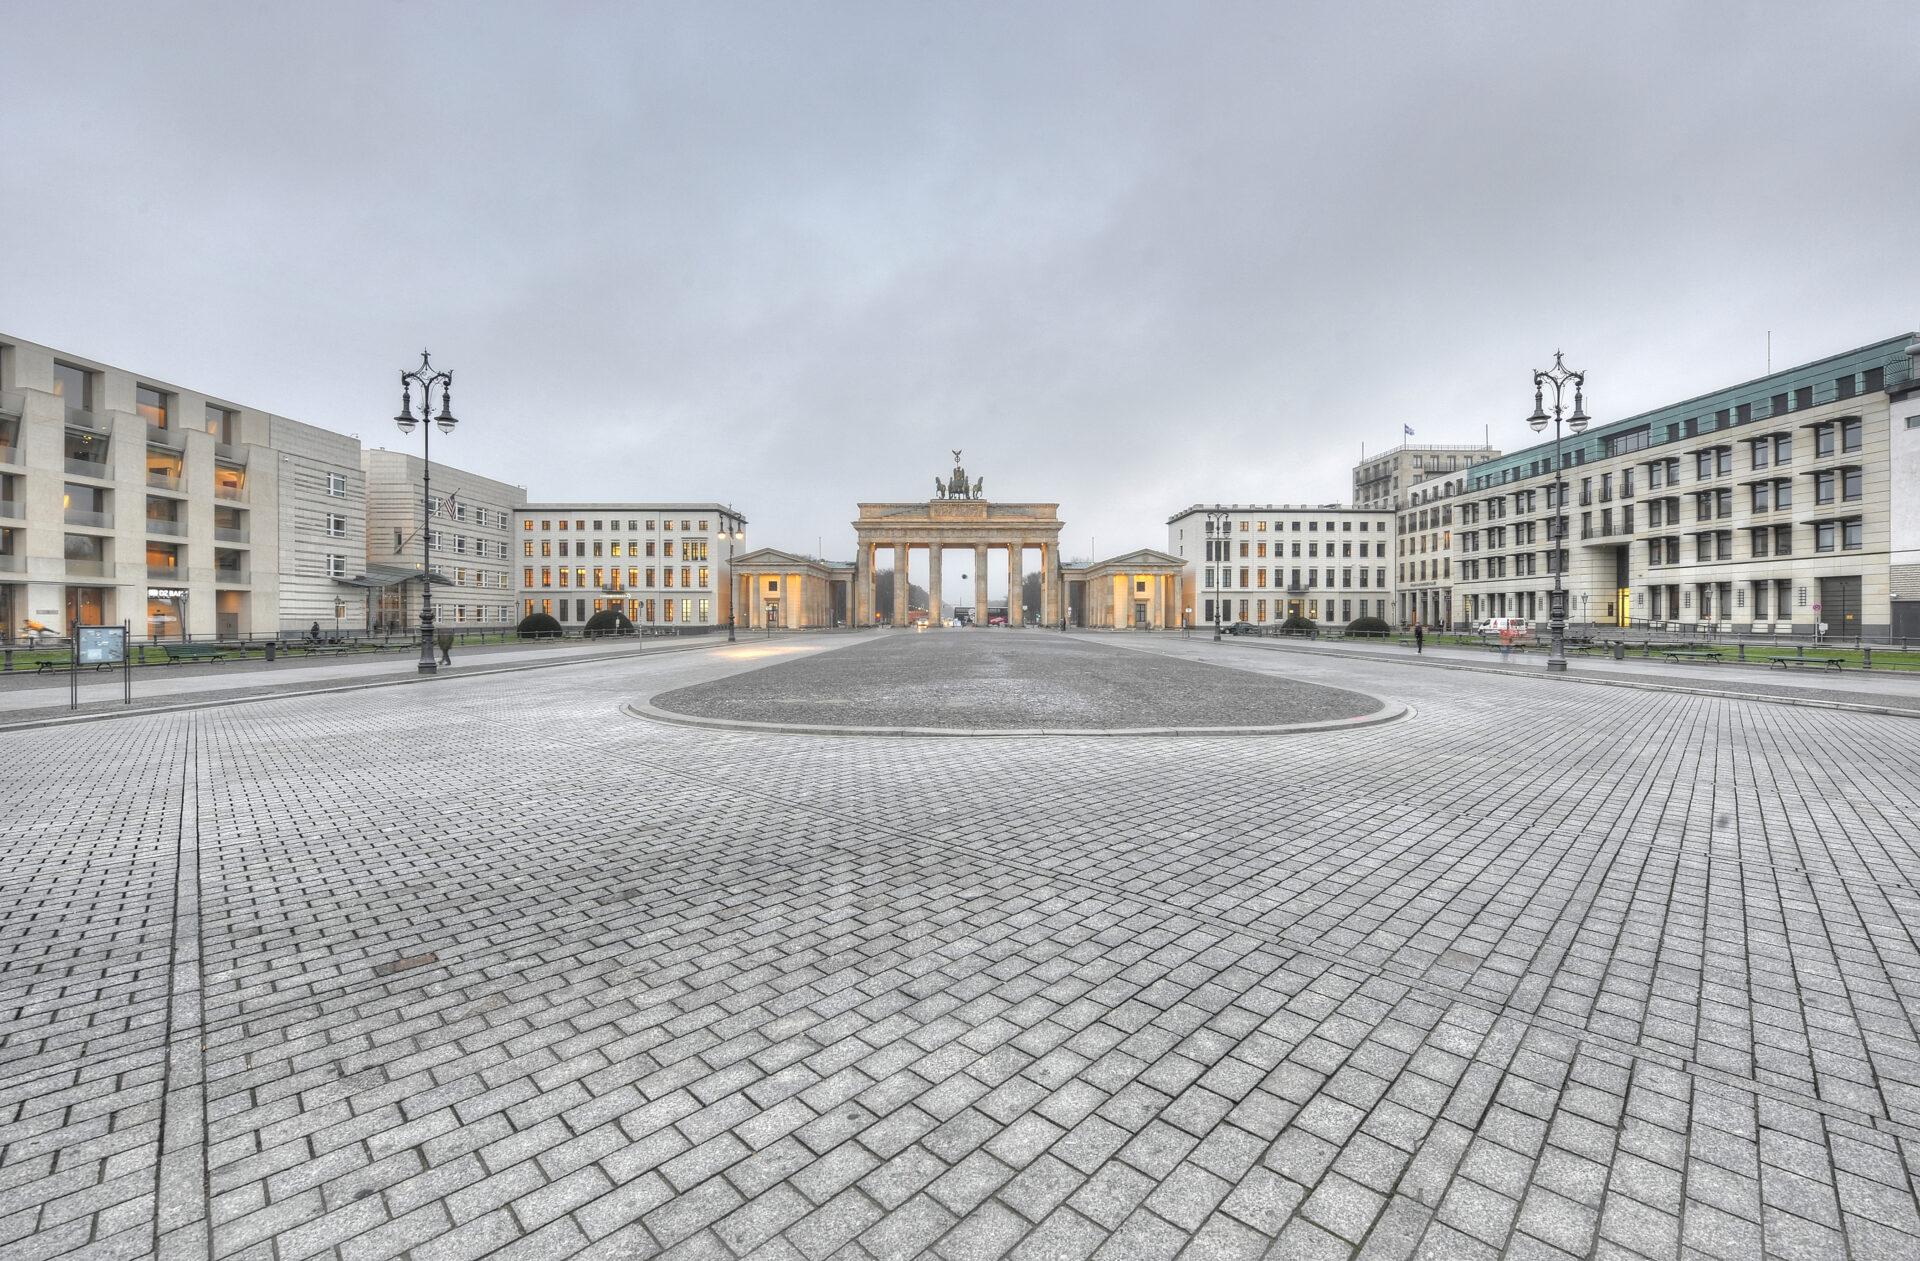 Leerer Pariser Platz mit dem Brandenburger Tor